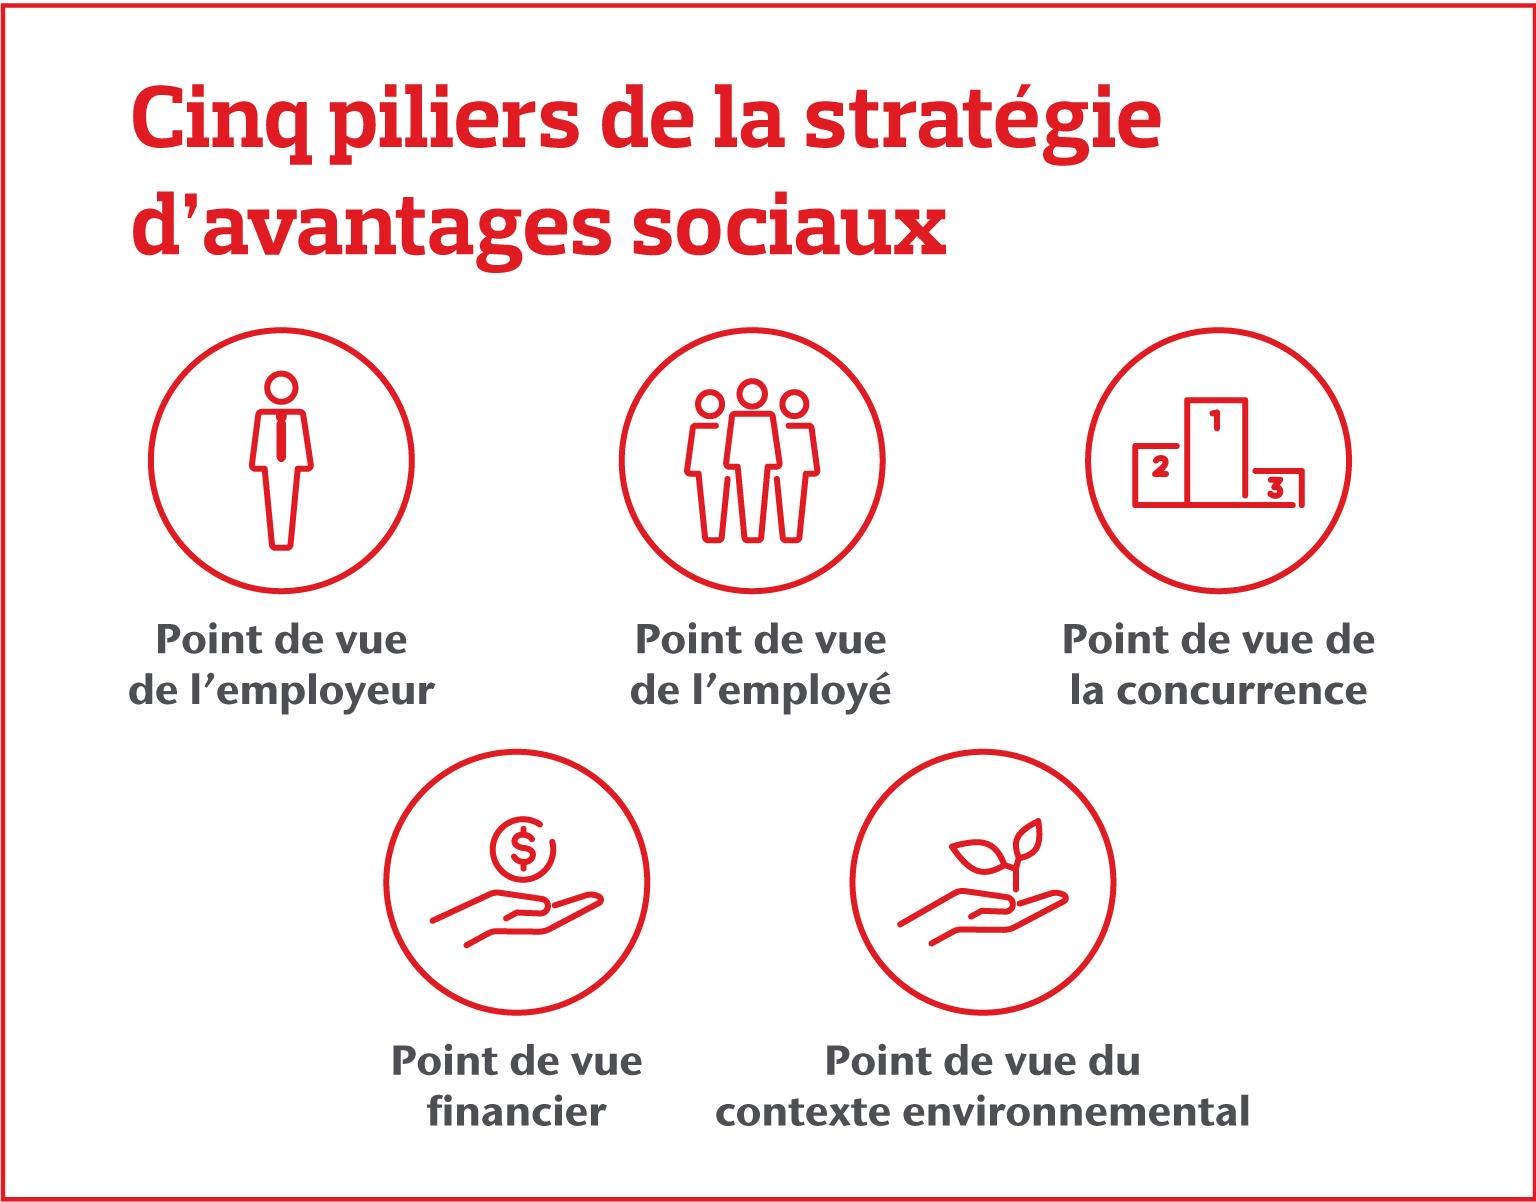 Cinq piliers de la strategie d'avantages sociaux